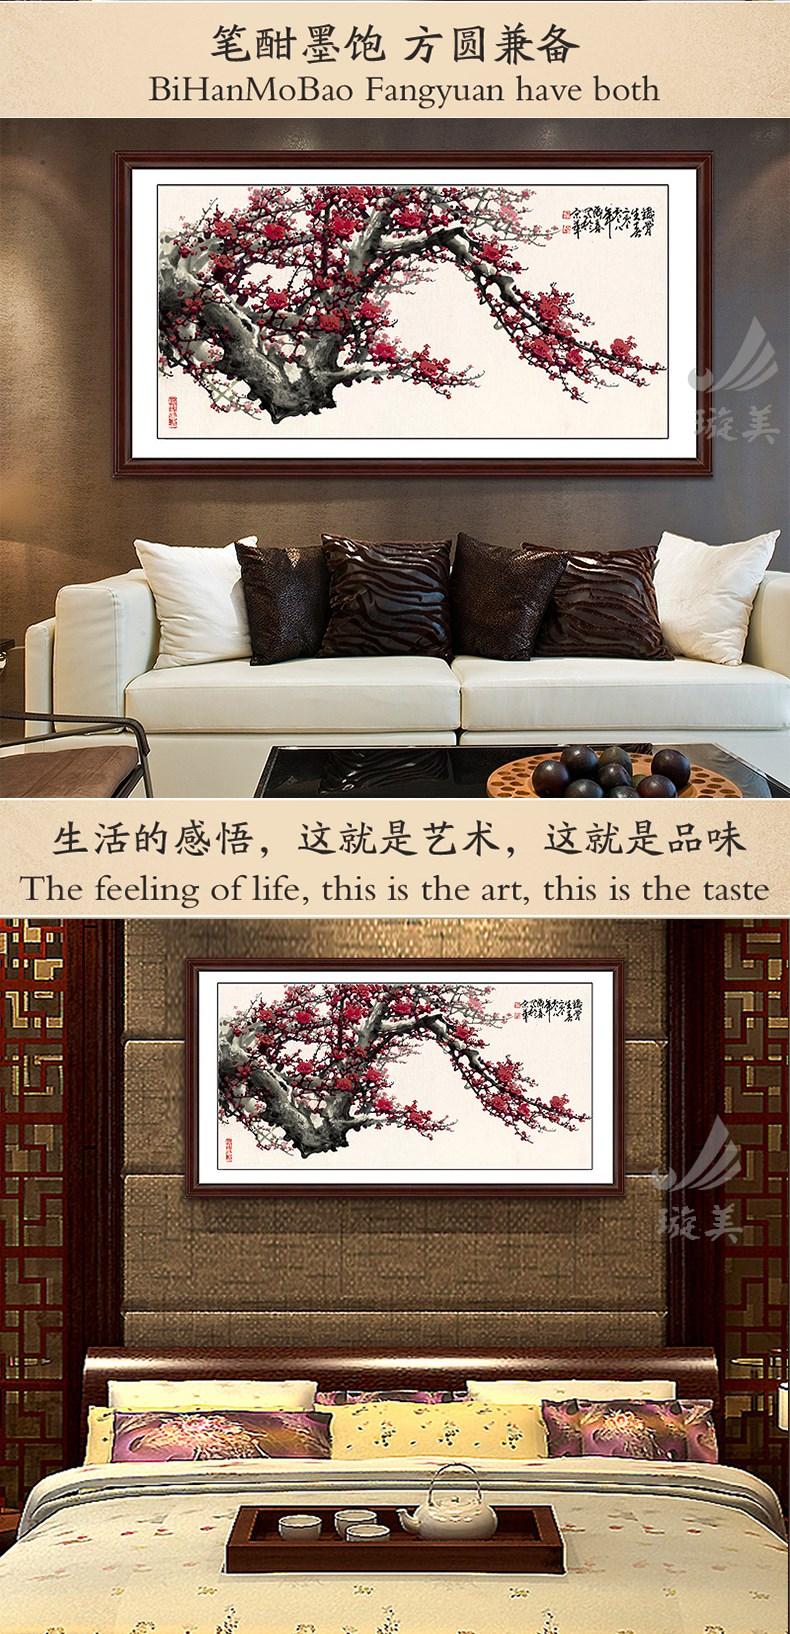 璇美现代中式手绘国画餐厅客厅卧室书房老总办公室